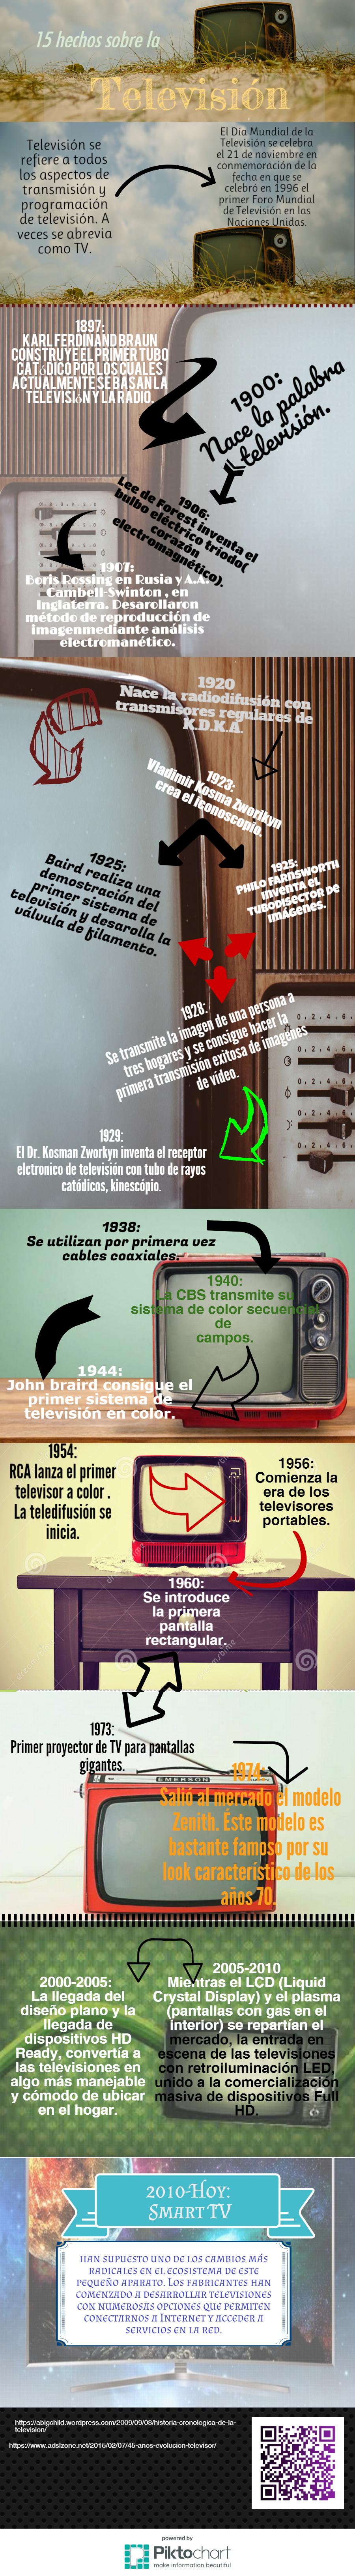 Historia de la televisión_II. History of TV Infographic